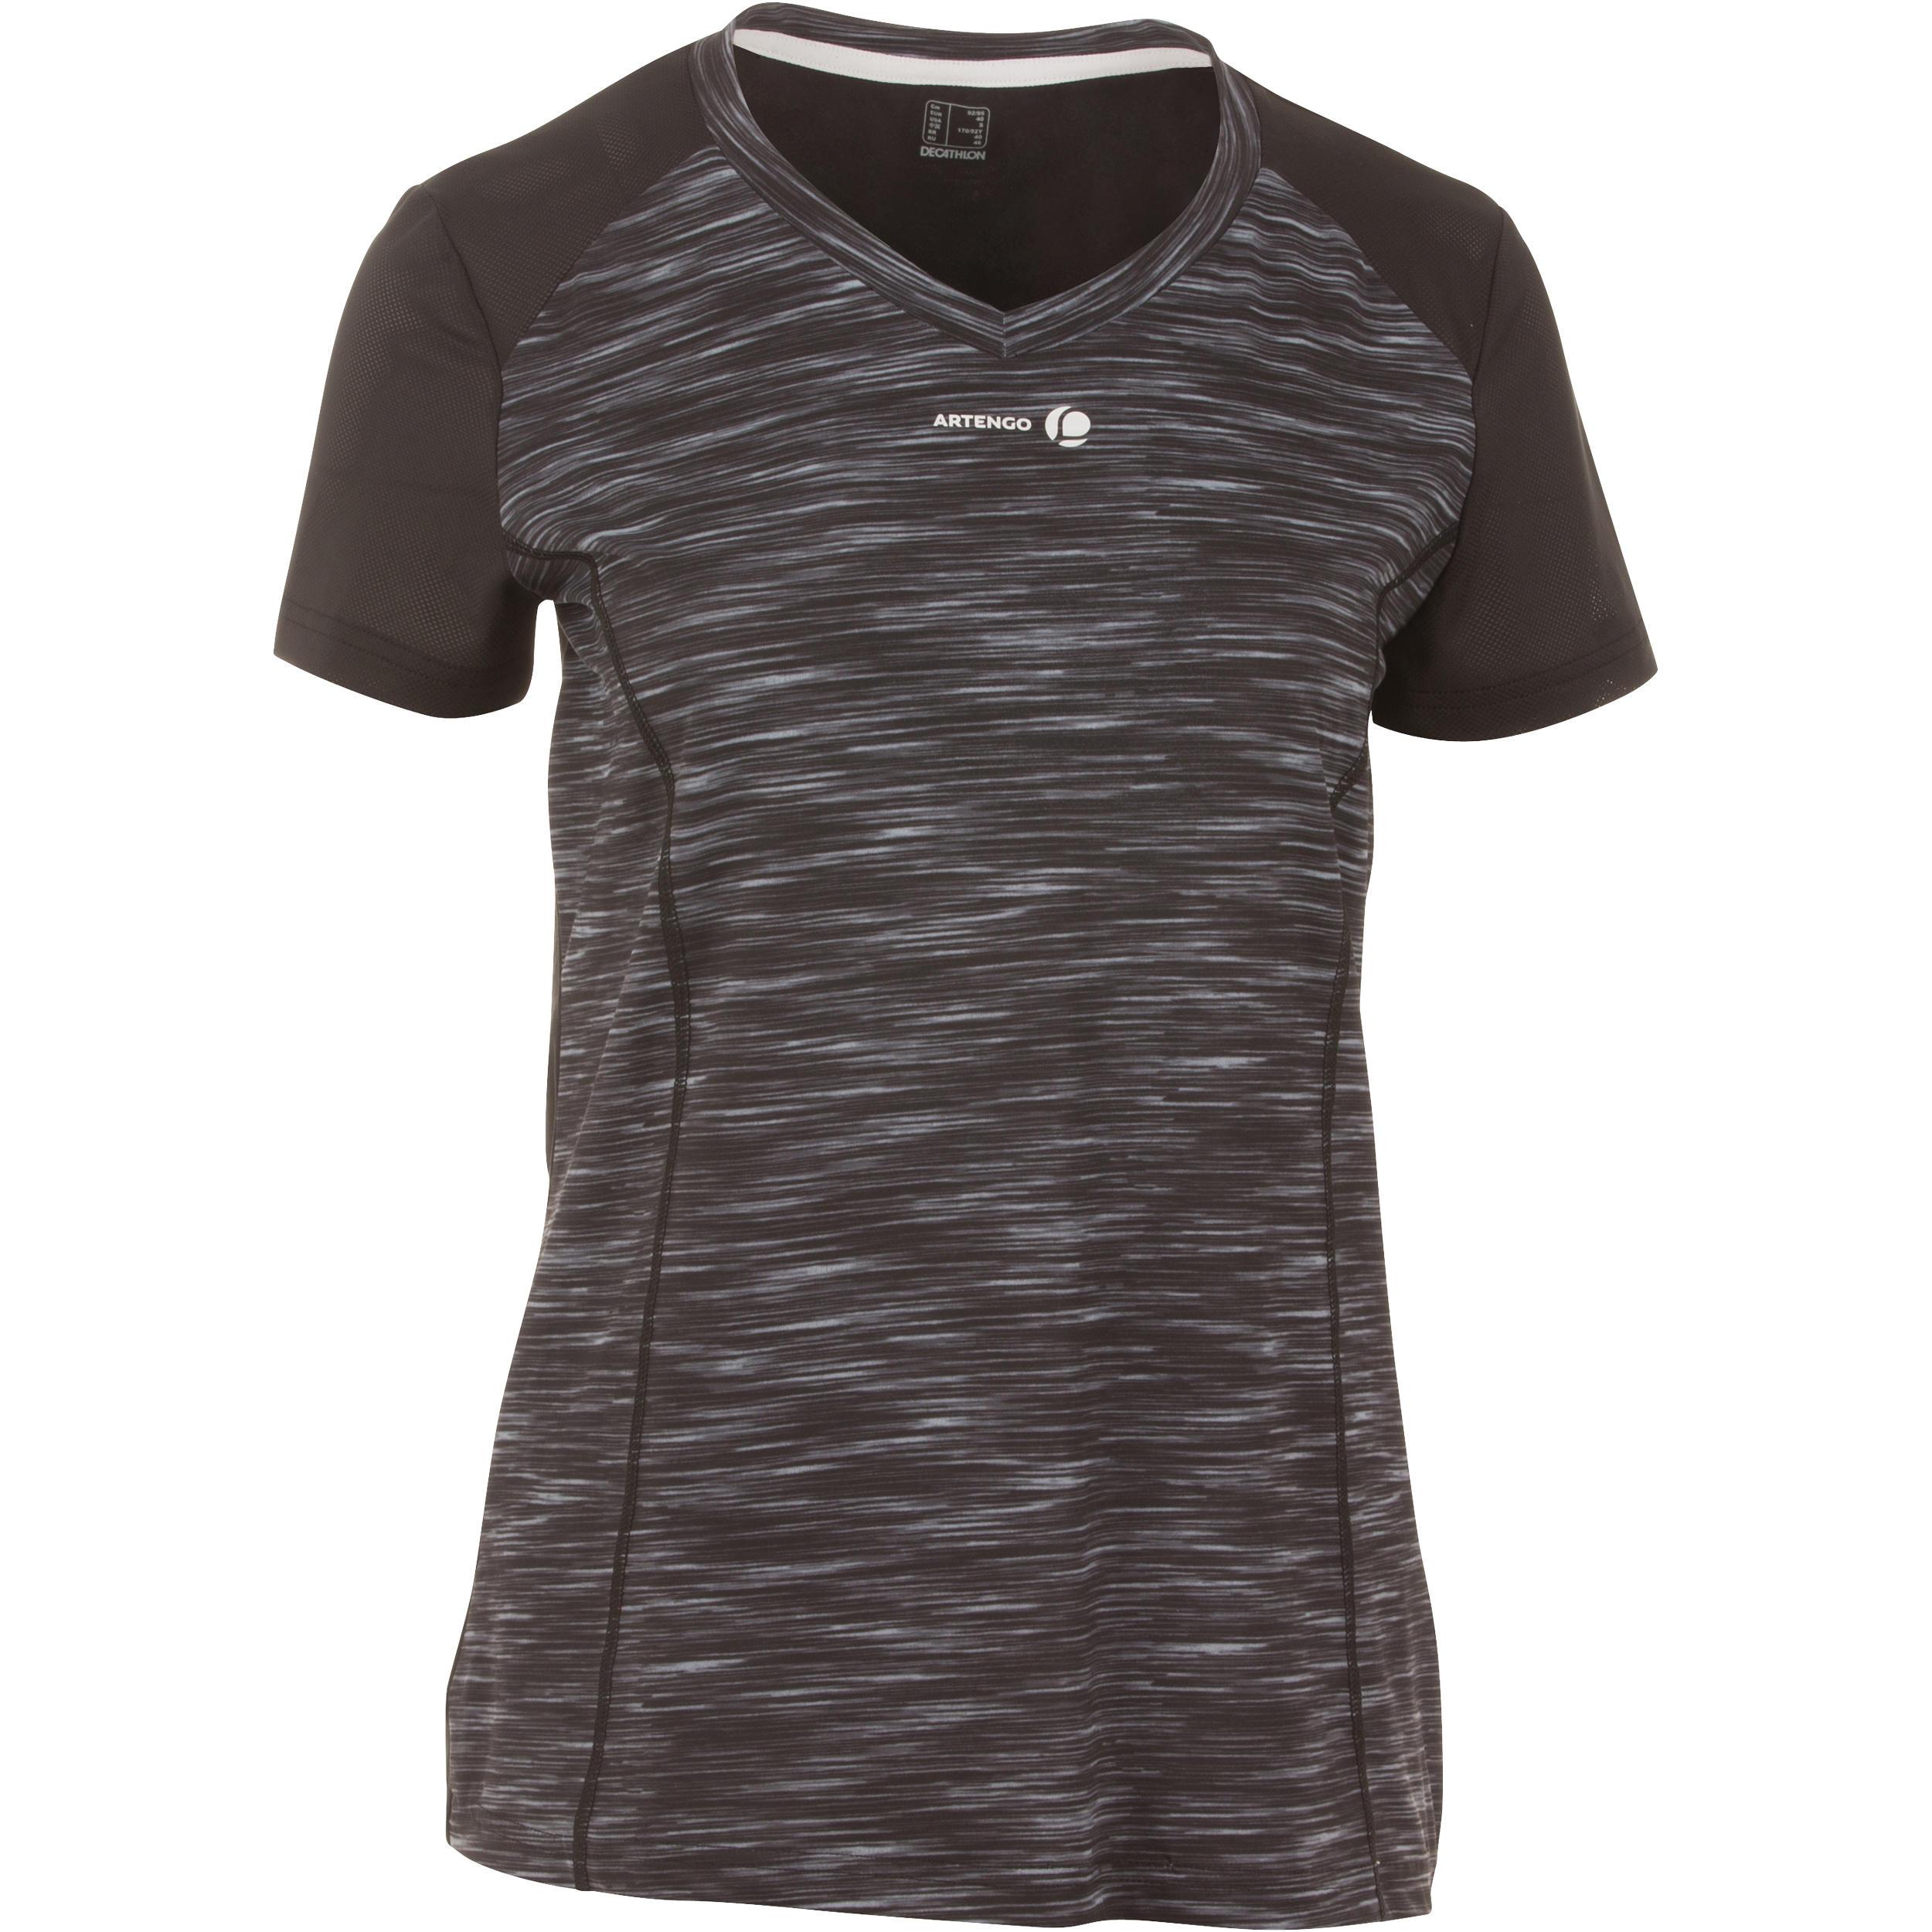 Artengo T-shirt voor dames Soft 500 tennis